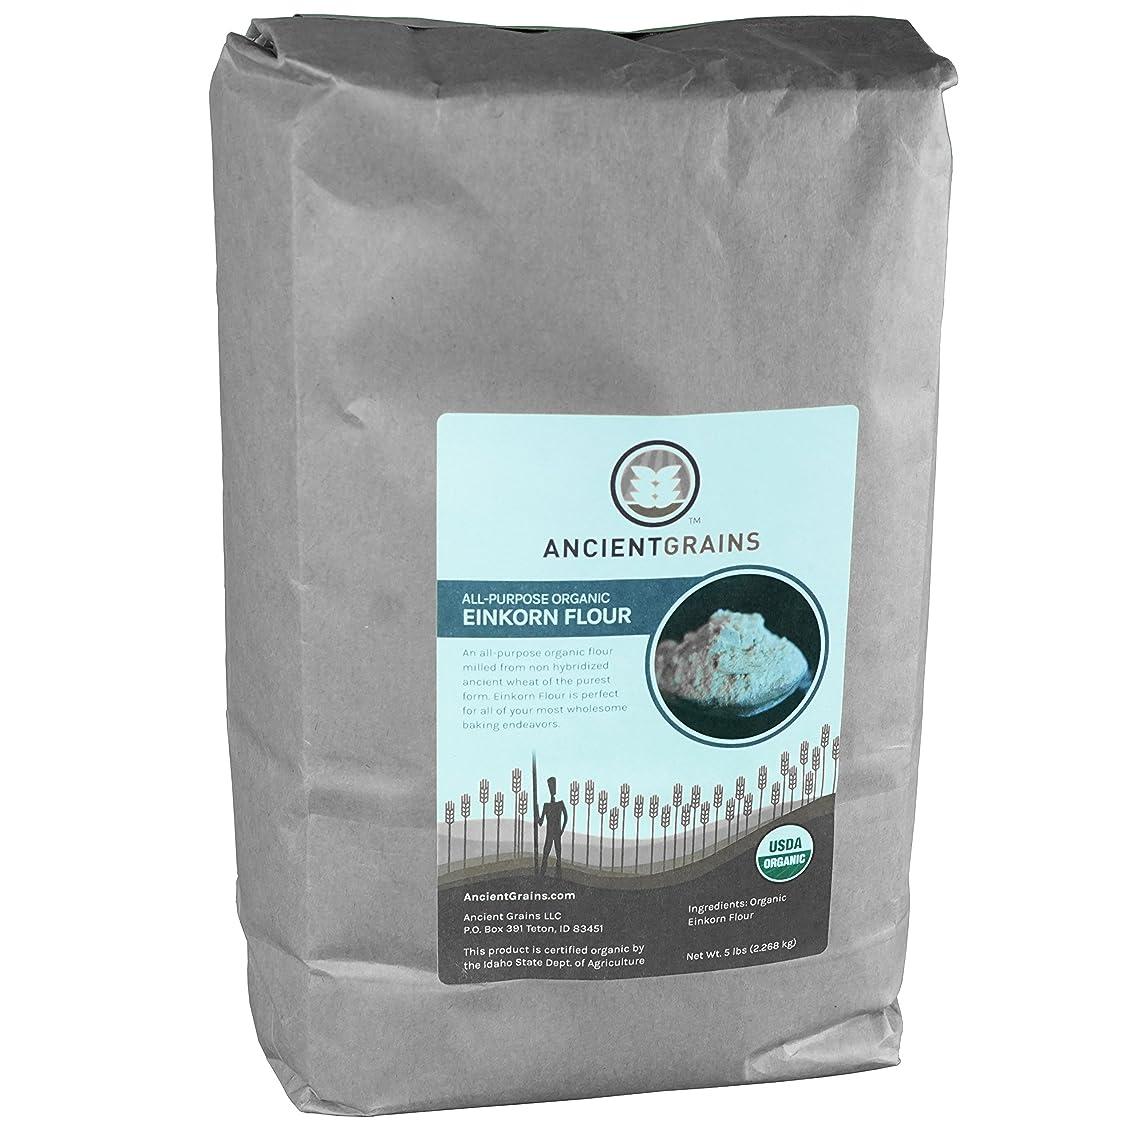 5 lbs. Organic Einkorn All-Purpose Flour